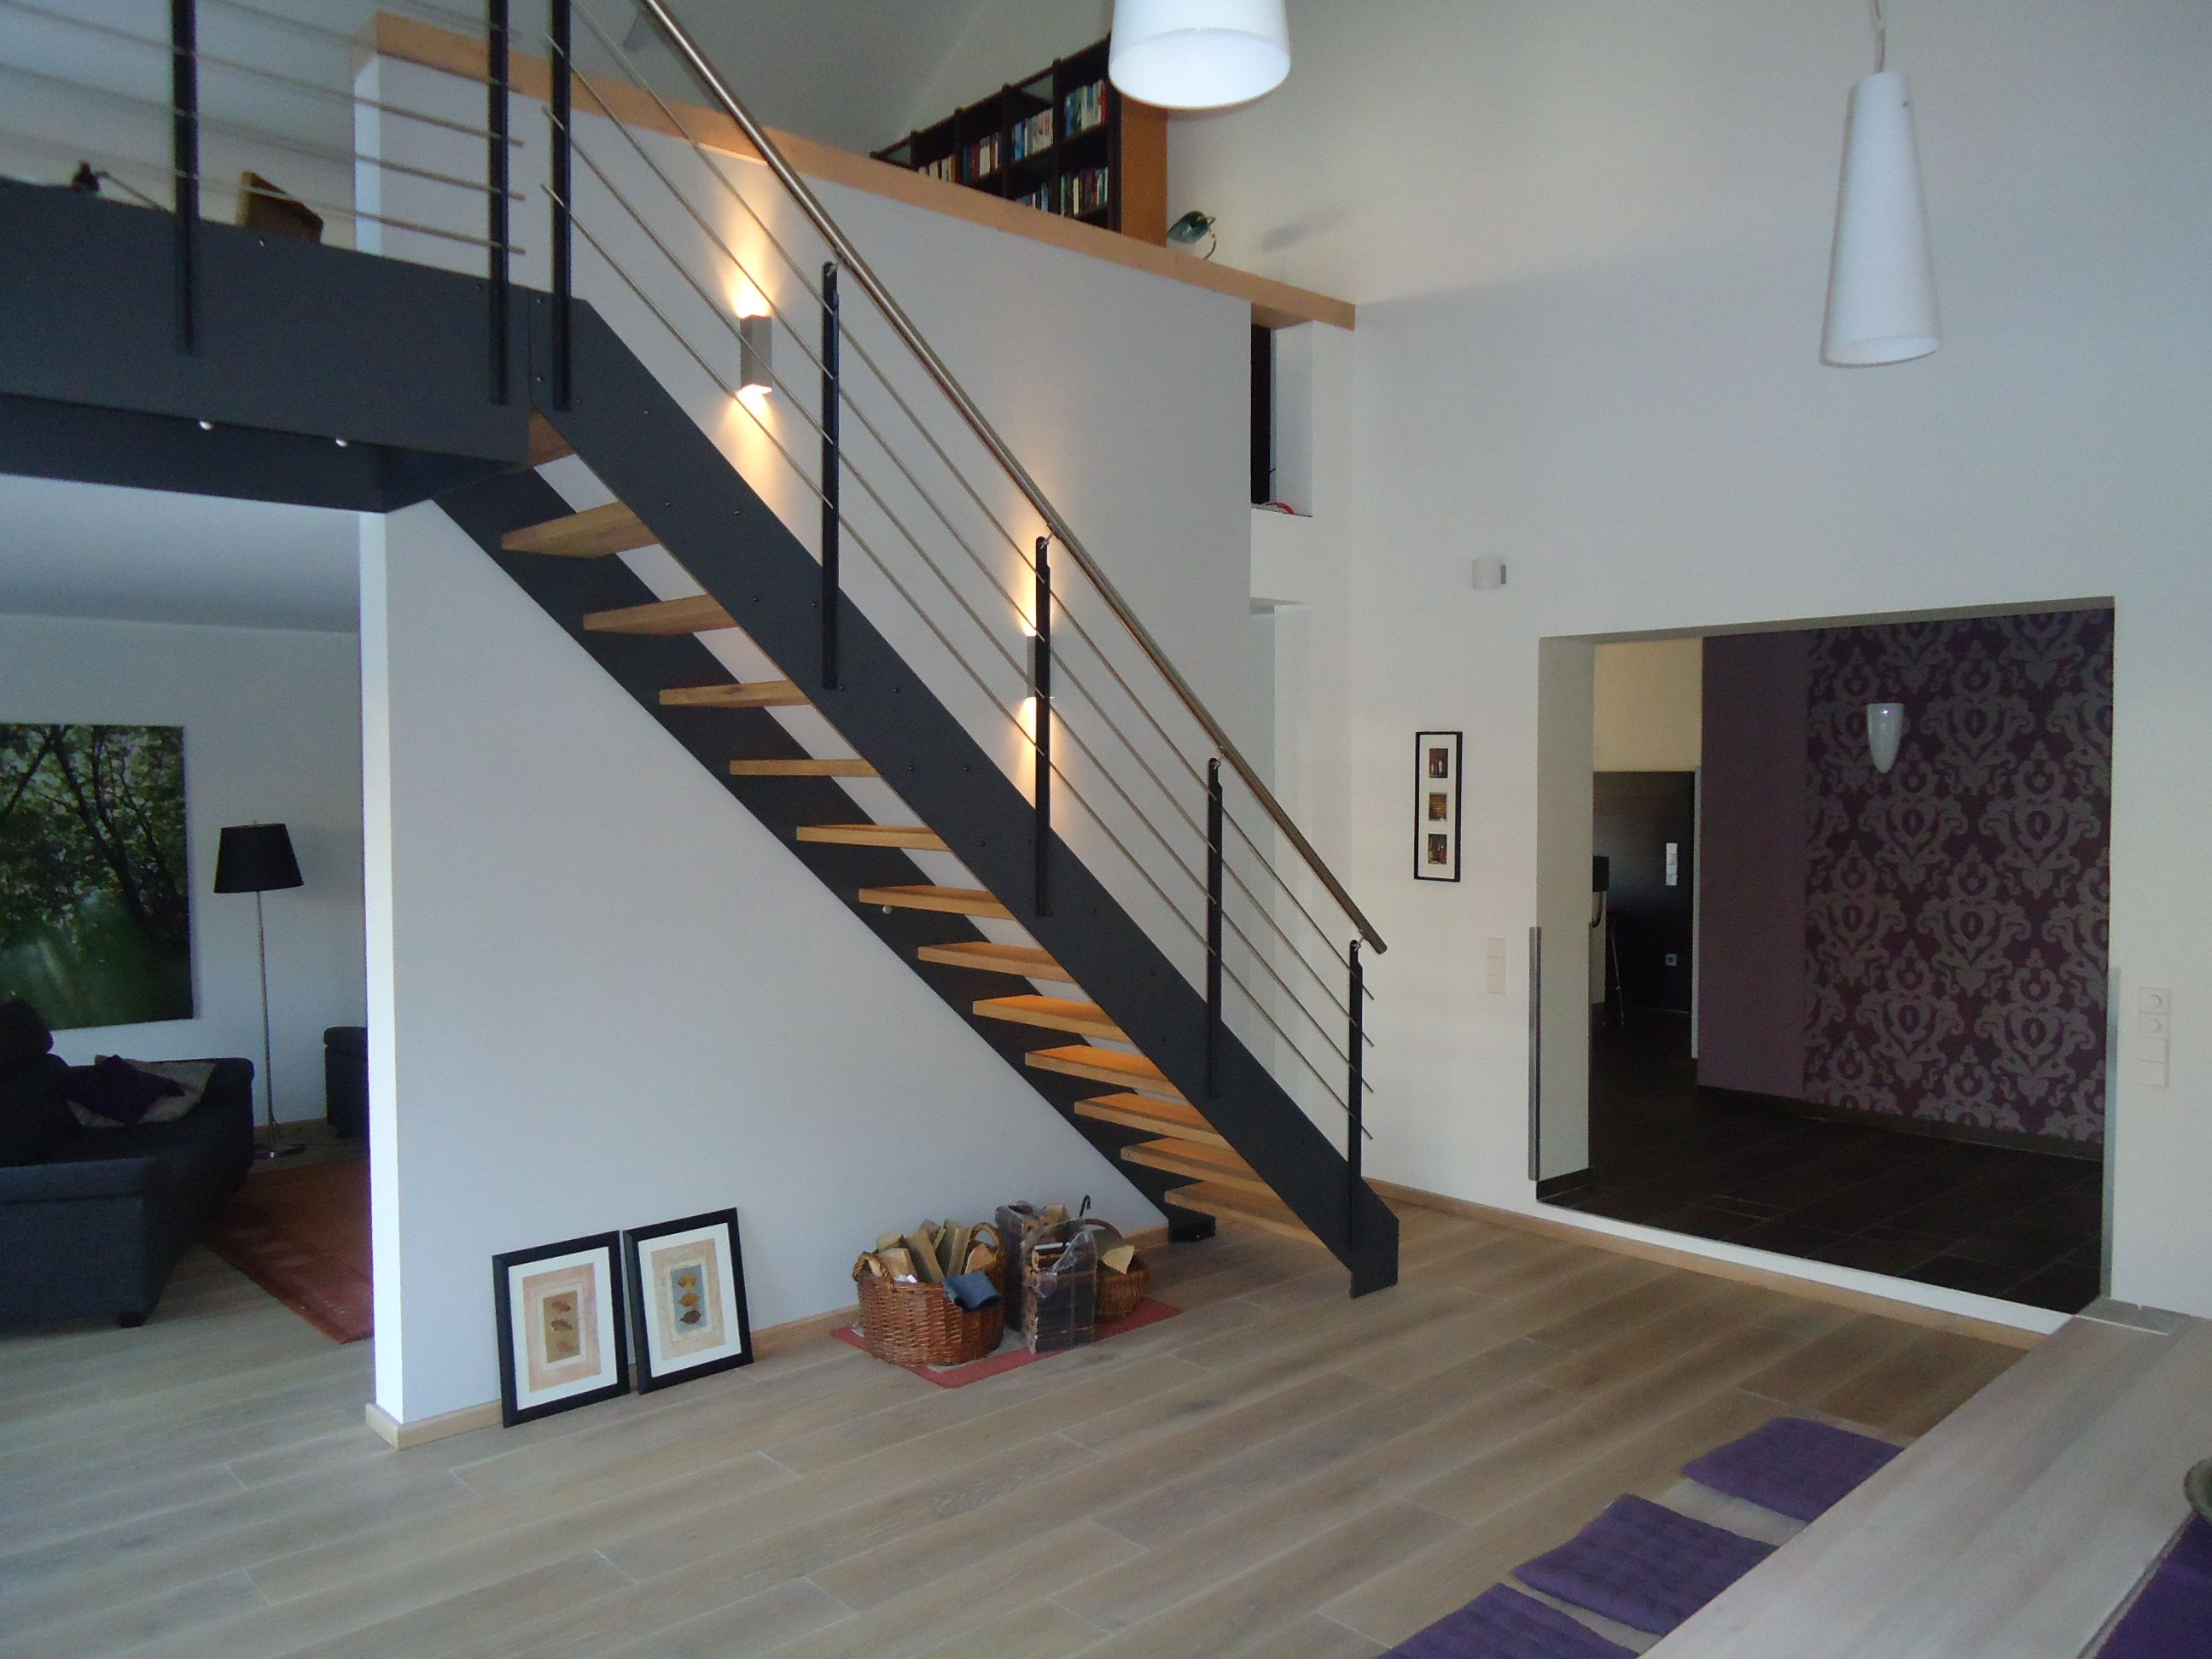 Treppen architektur design  LOFT in Eiche rustikal direkt vom Hersteller Unnerstall Treppen ...